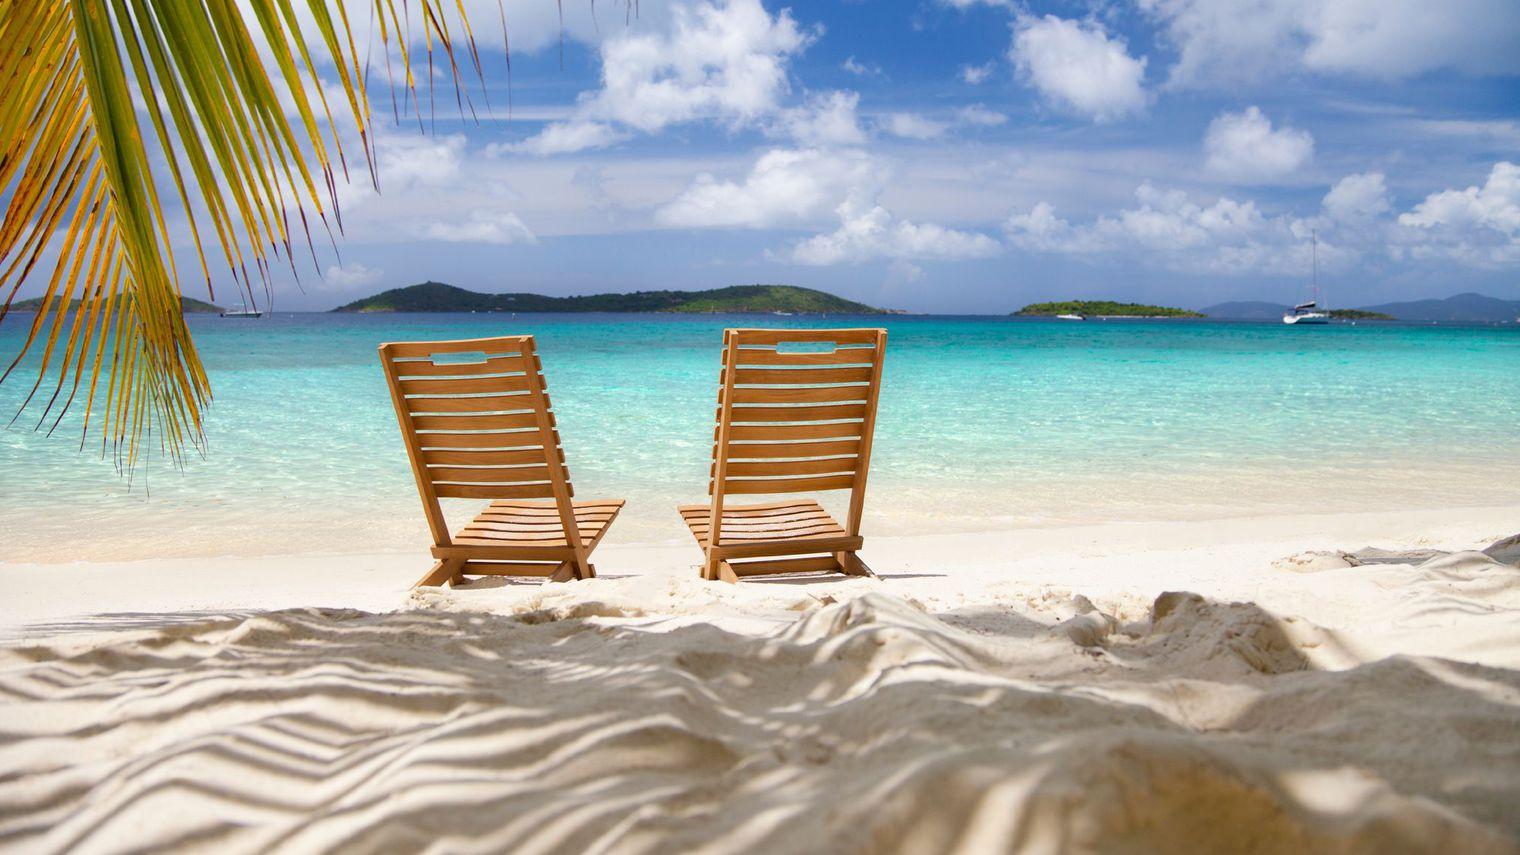 destination vacances ete en famille